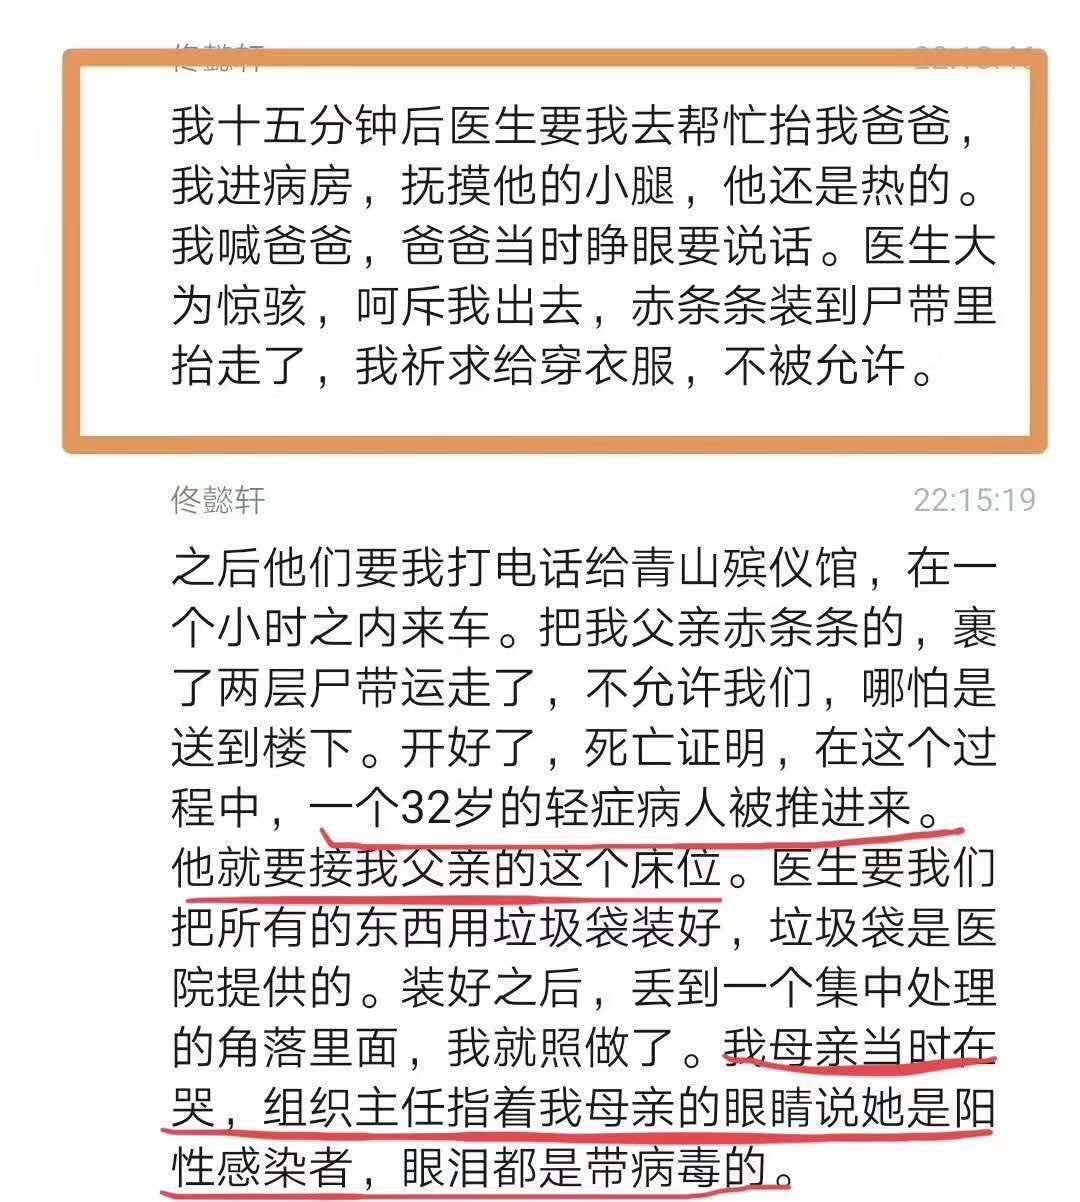 武漢青年佟某在網上發帖披露,父親還沒有死,卻被裝進屍體袋。(網絡截圖)